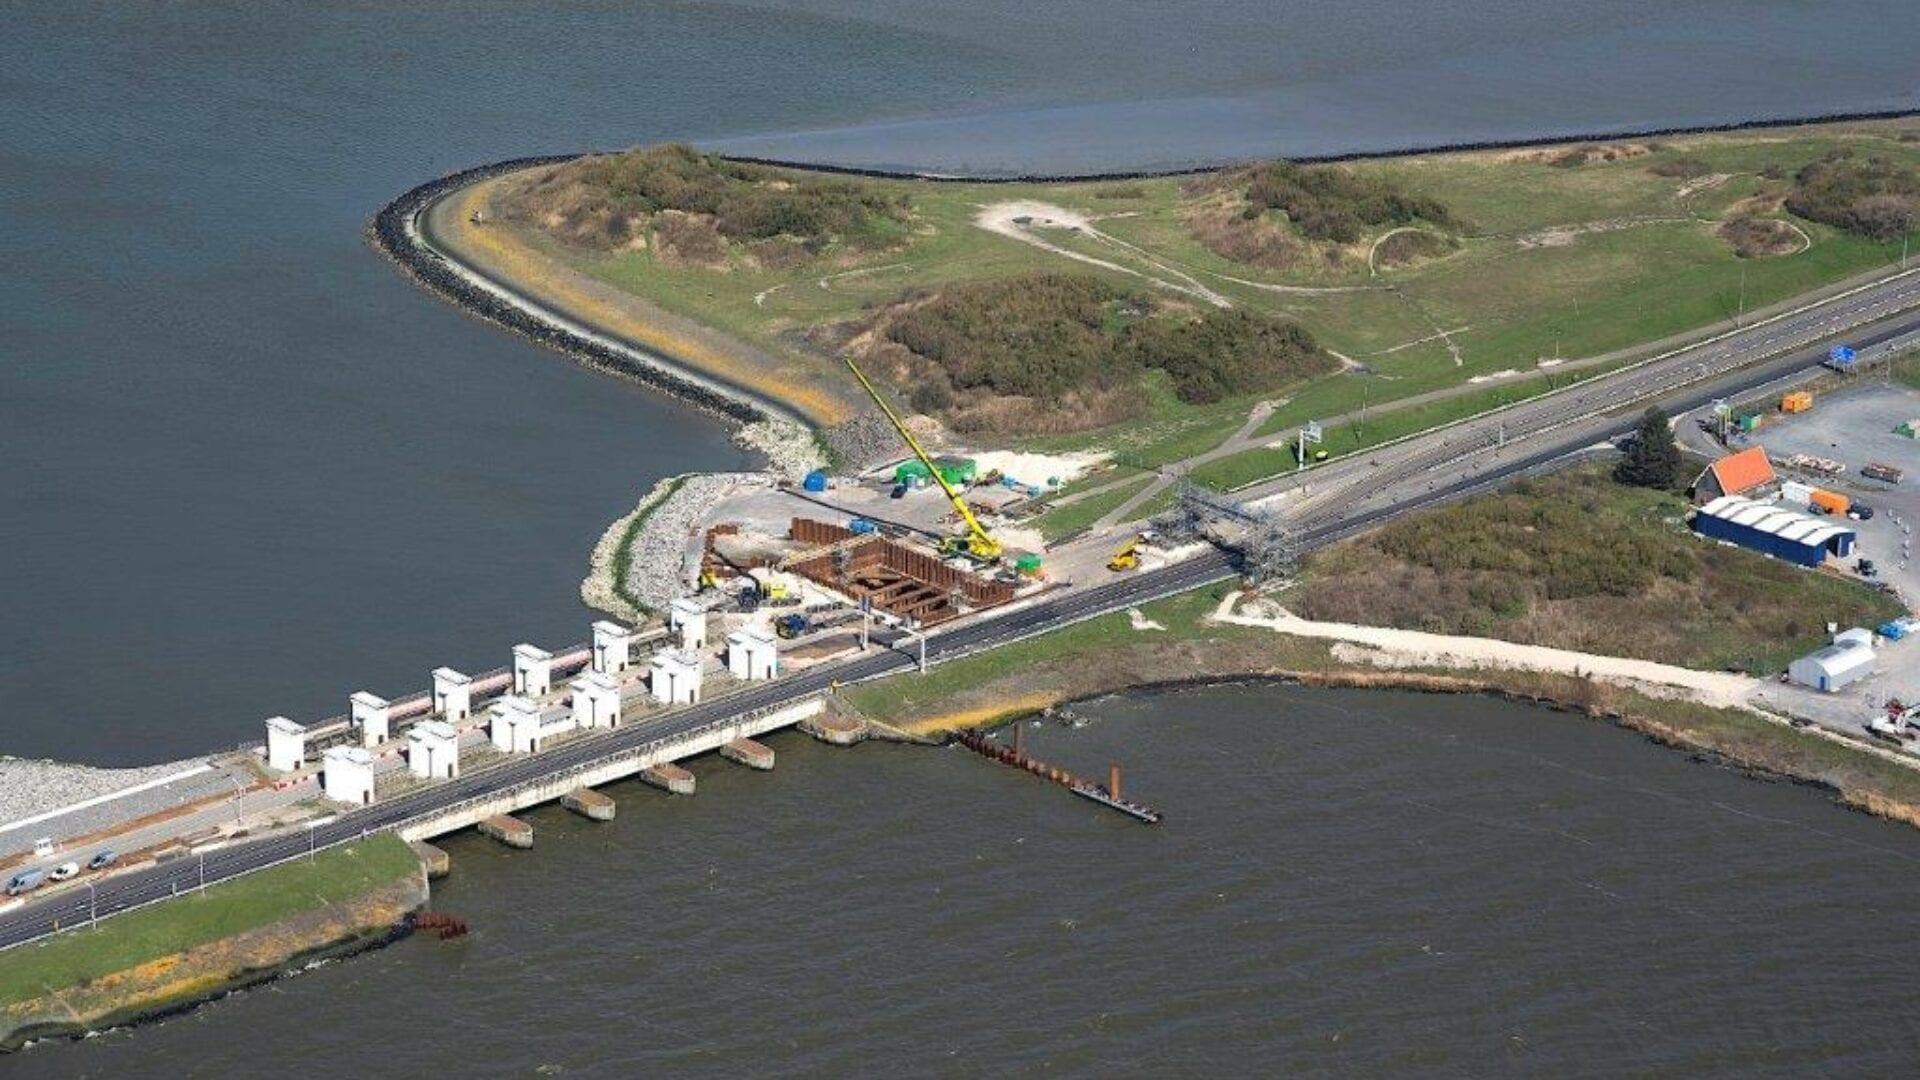 Luchtfoto van de Afsluitdijk. Wij kijken van boven op de Afsluitdijk bij de witte, voormalige sluisgebouwen, Gates Of Light. Je ziet boven en onder een klein stukje van de Waddenzee en het IJsselmeer. Links zie je de witte gebouwen van Gates of Lights. Rechts naast de witte gebouwen, zie je een graslandschap. Onder het landschap zie je een weg lopen. Daaronder zie je een blauw gebouw van Blue Energy.